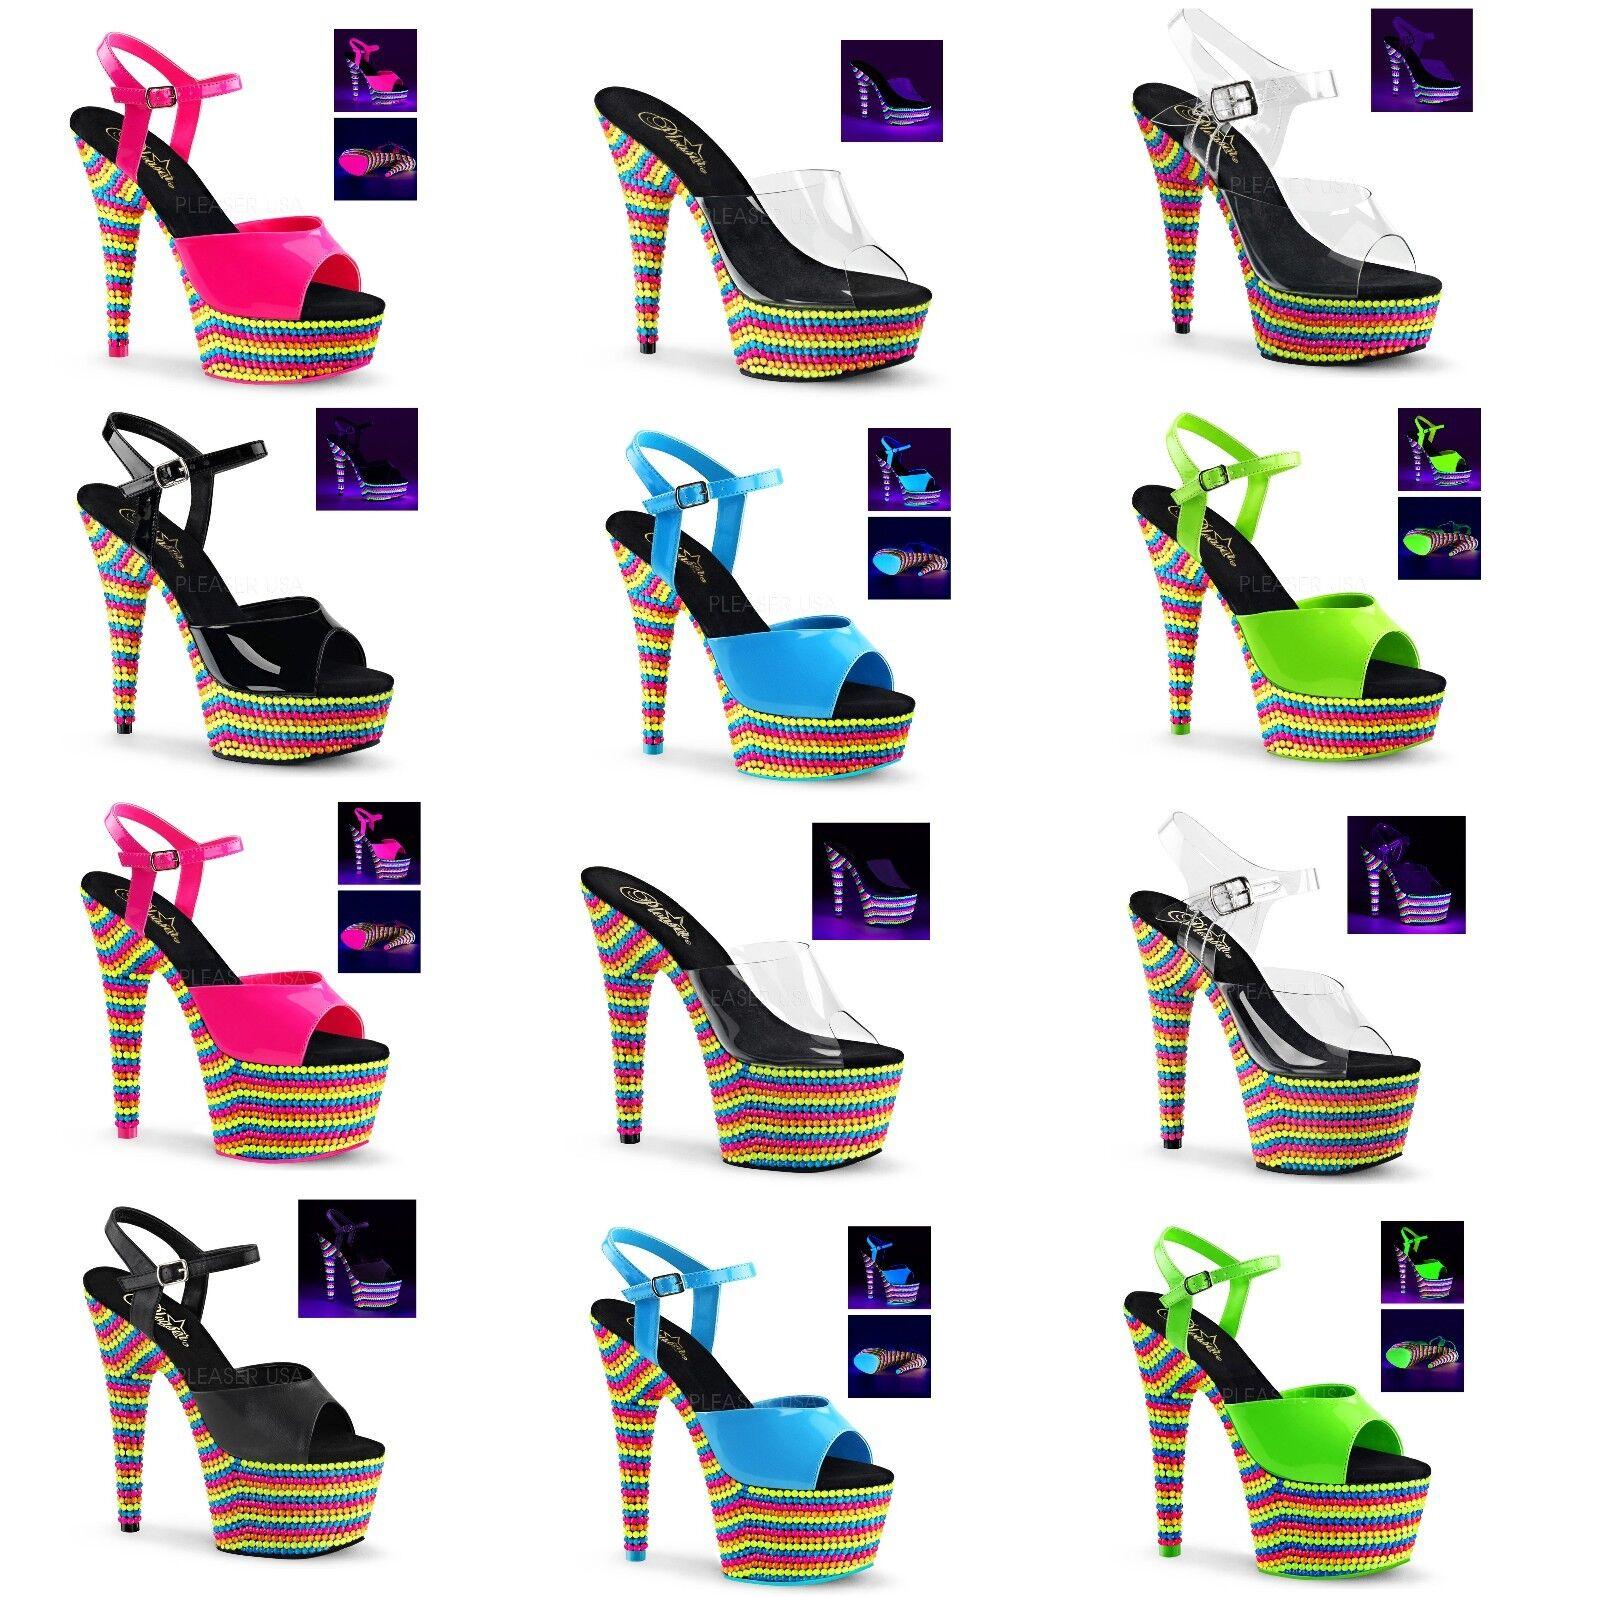 PLEASER ADORE 701RBS 708RBS 709RBS DELIGHT 601RBS 608RBS 609RBS Platform Sandal